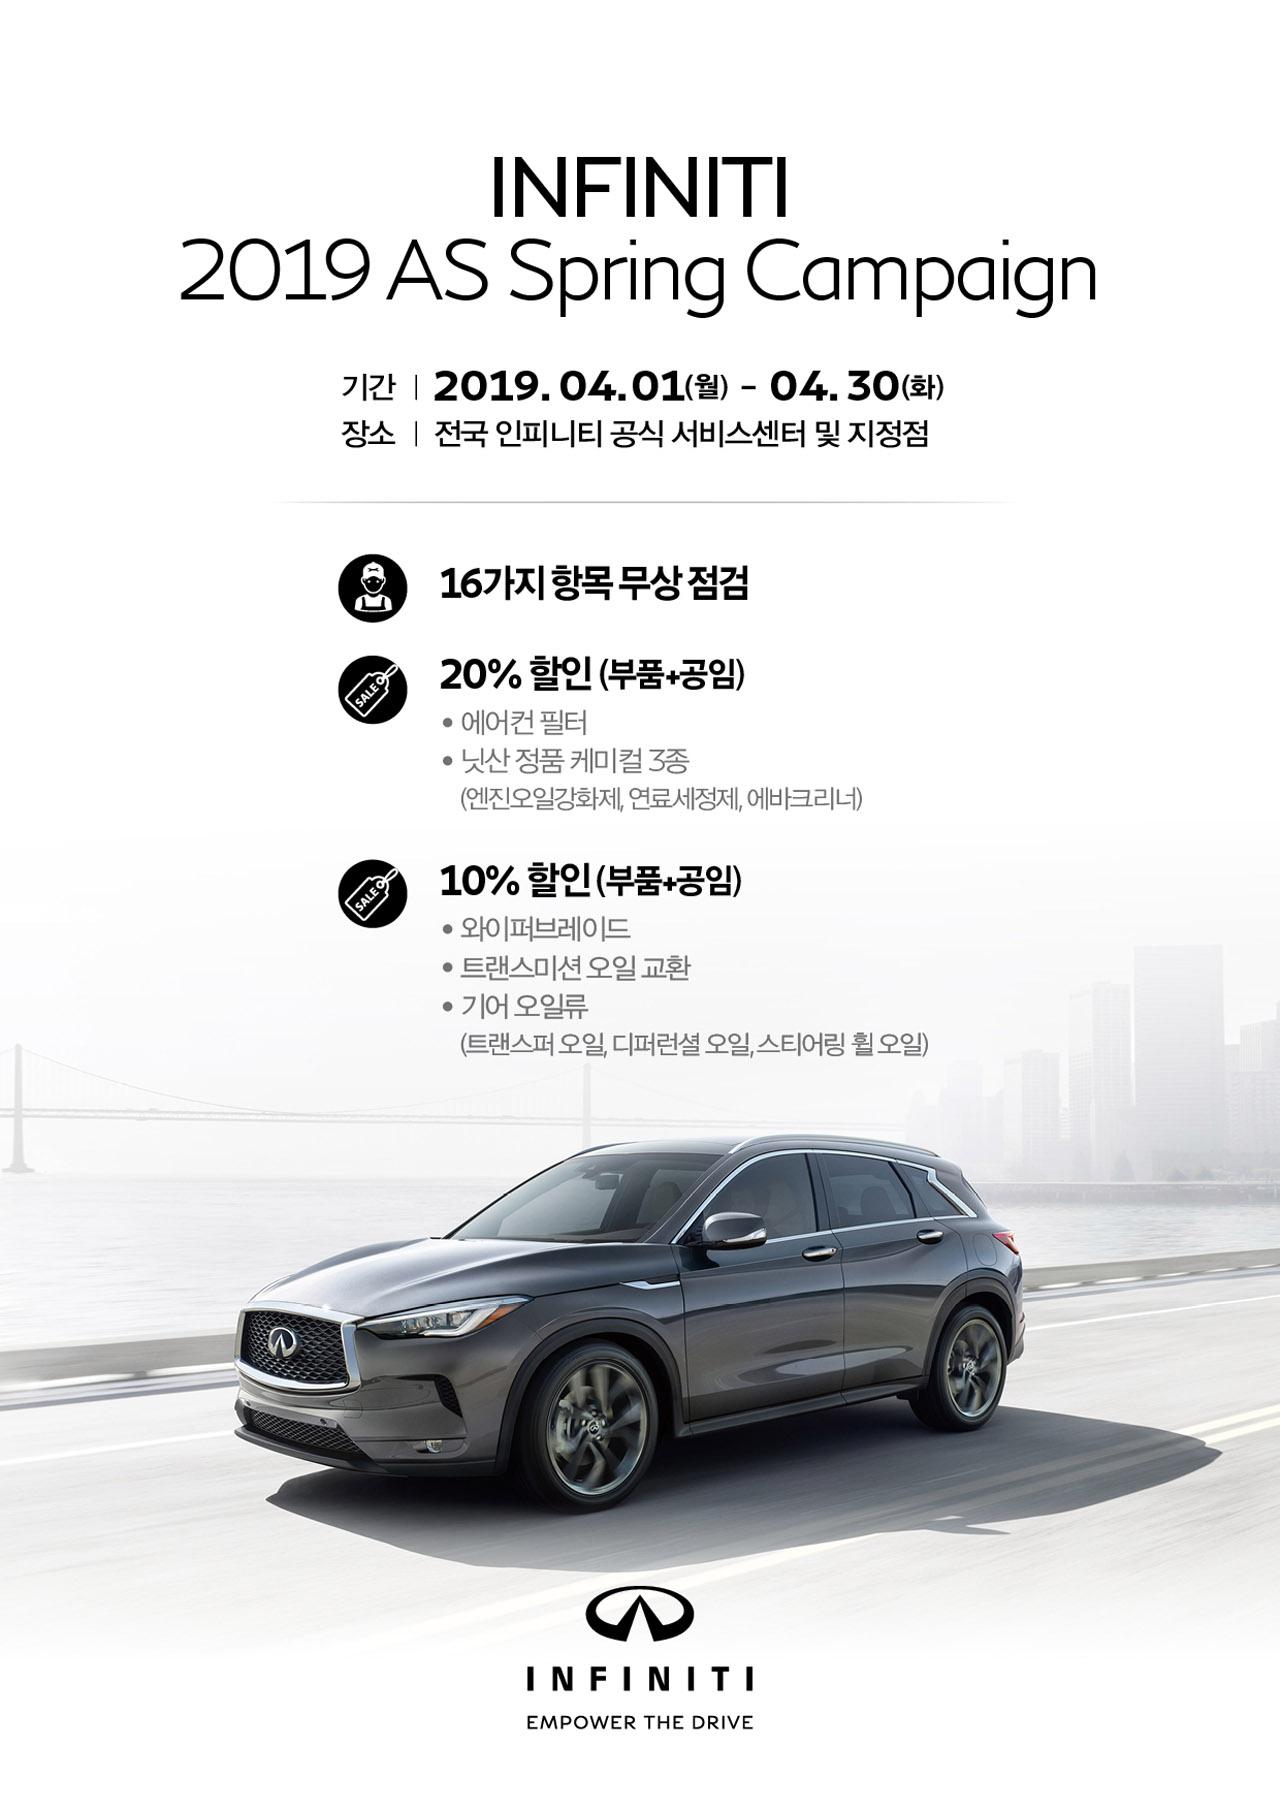 [사진자료] 인피니티, 봄꽃 나들이 시즌 맞아 서비스 캠페인 및 특별 프로모션 실시 (1)_서비스 캠페인